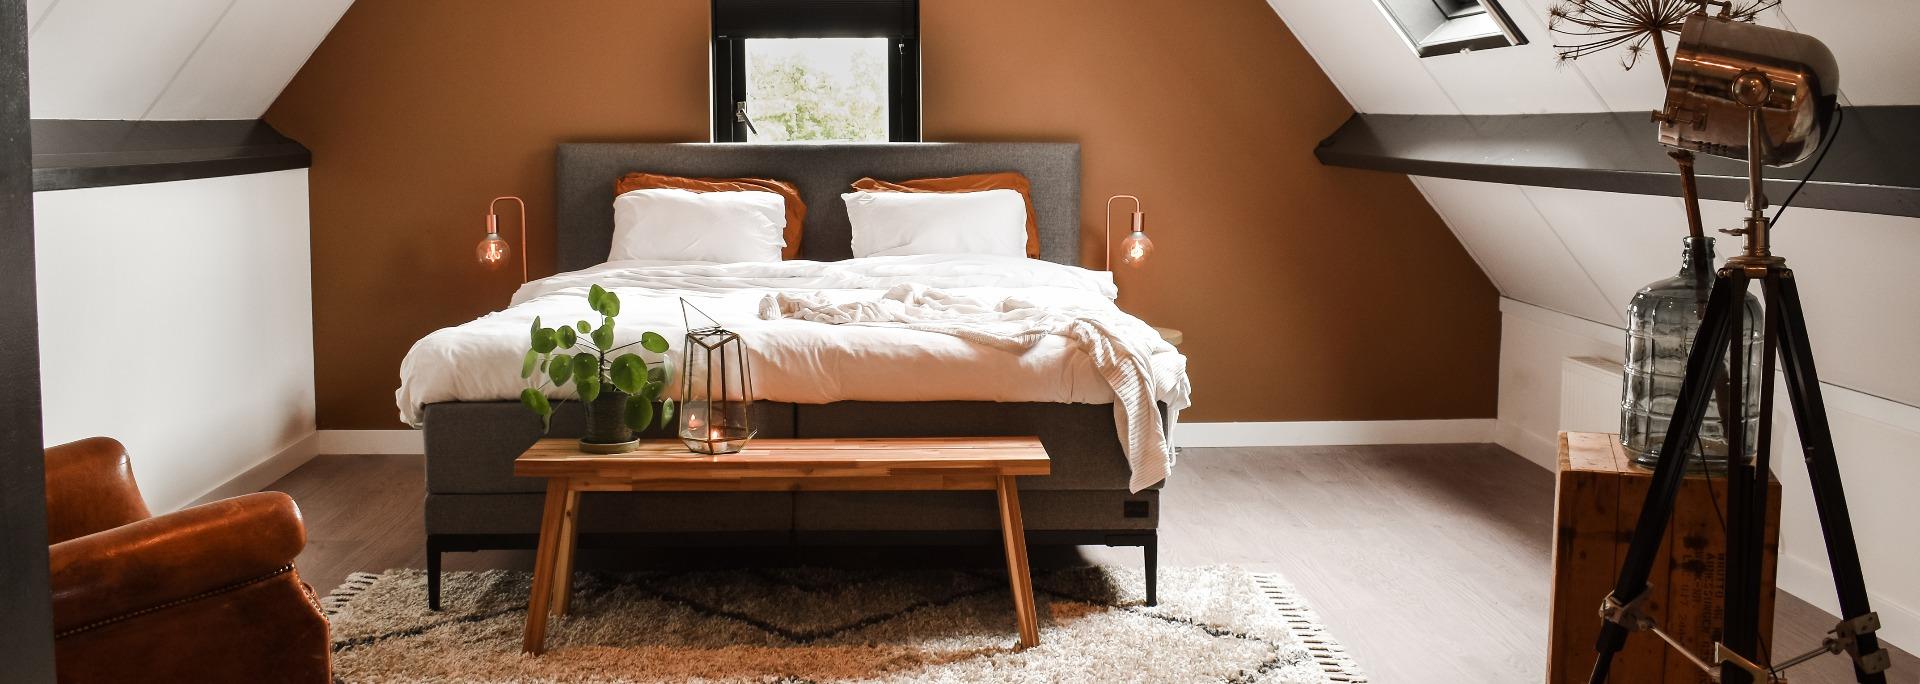 Muurverf slaapkamer